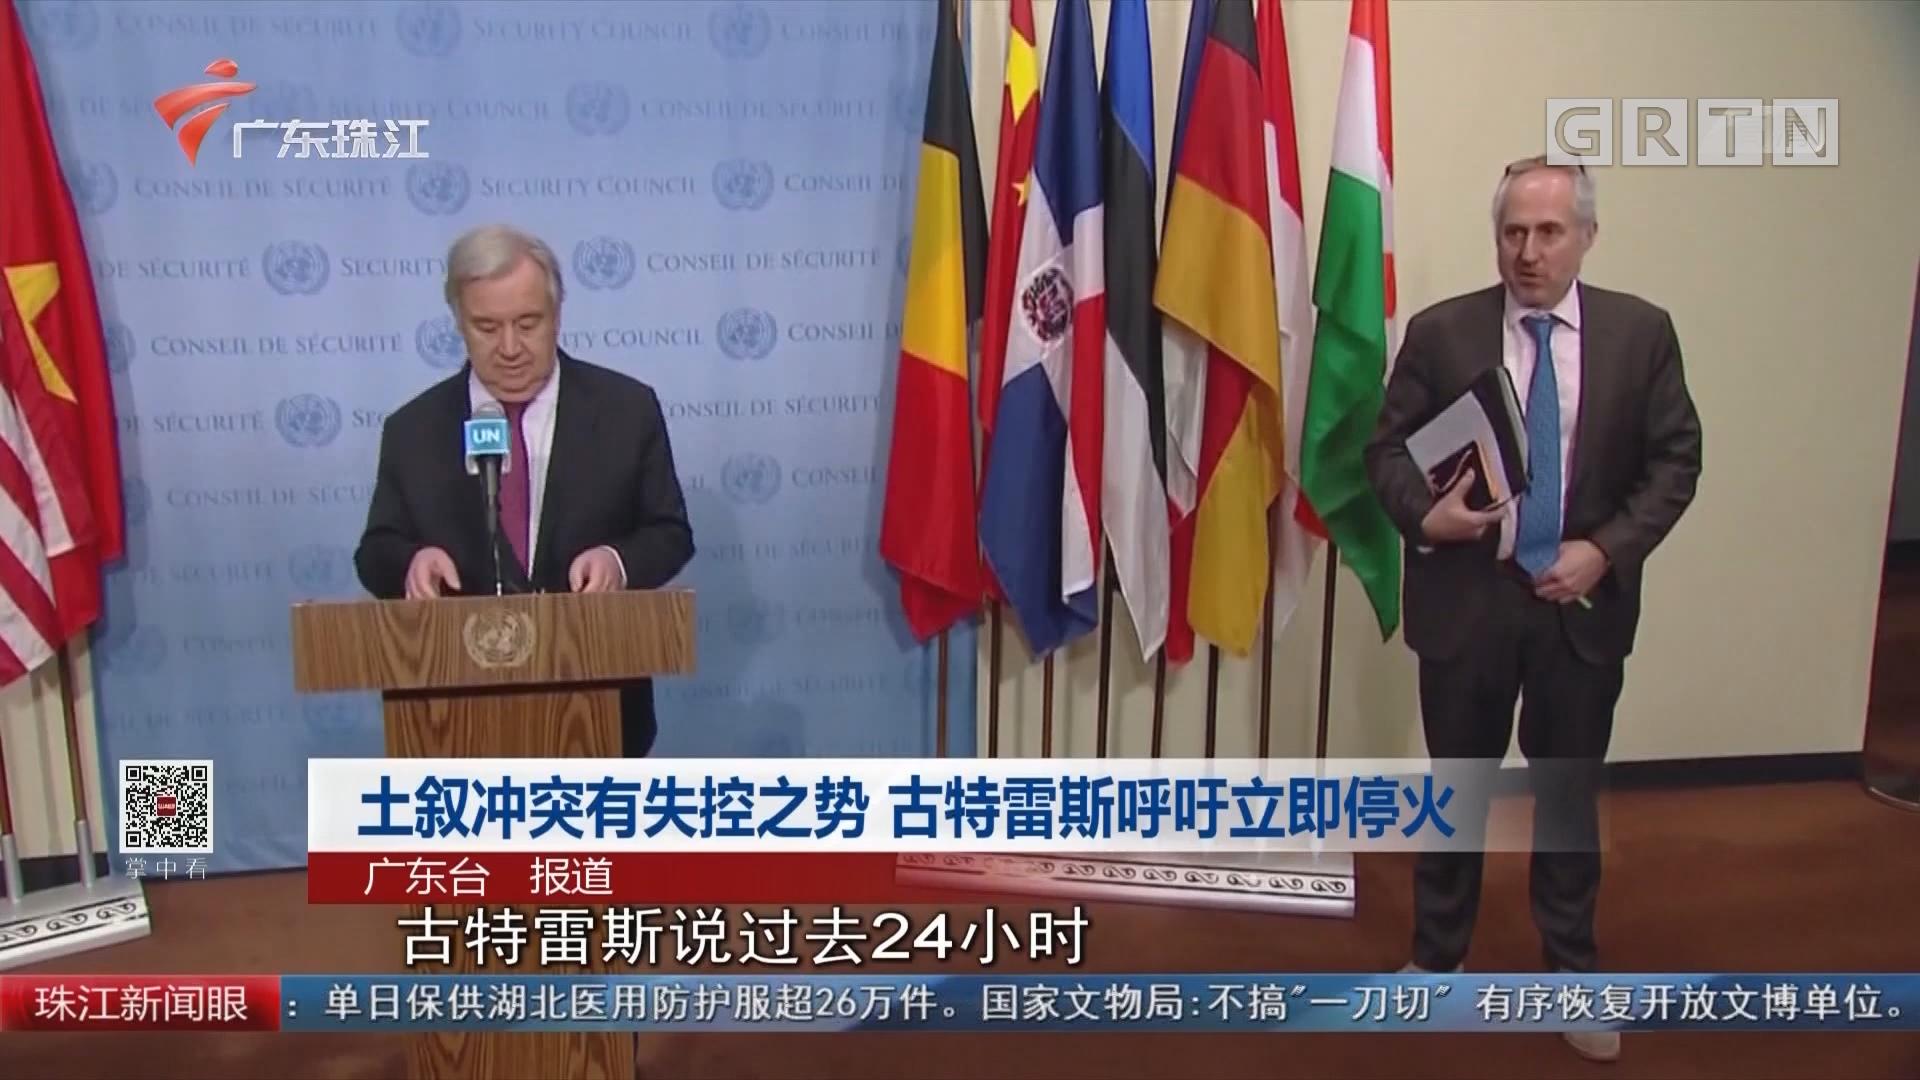 土叙冲突有失控之势 古特雷斯呼吁立即停火